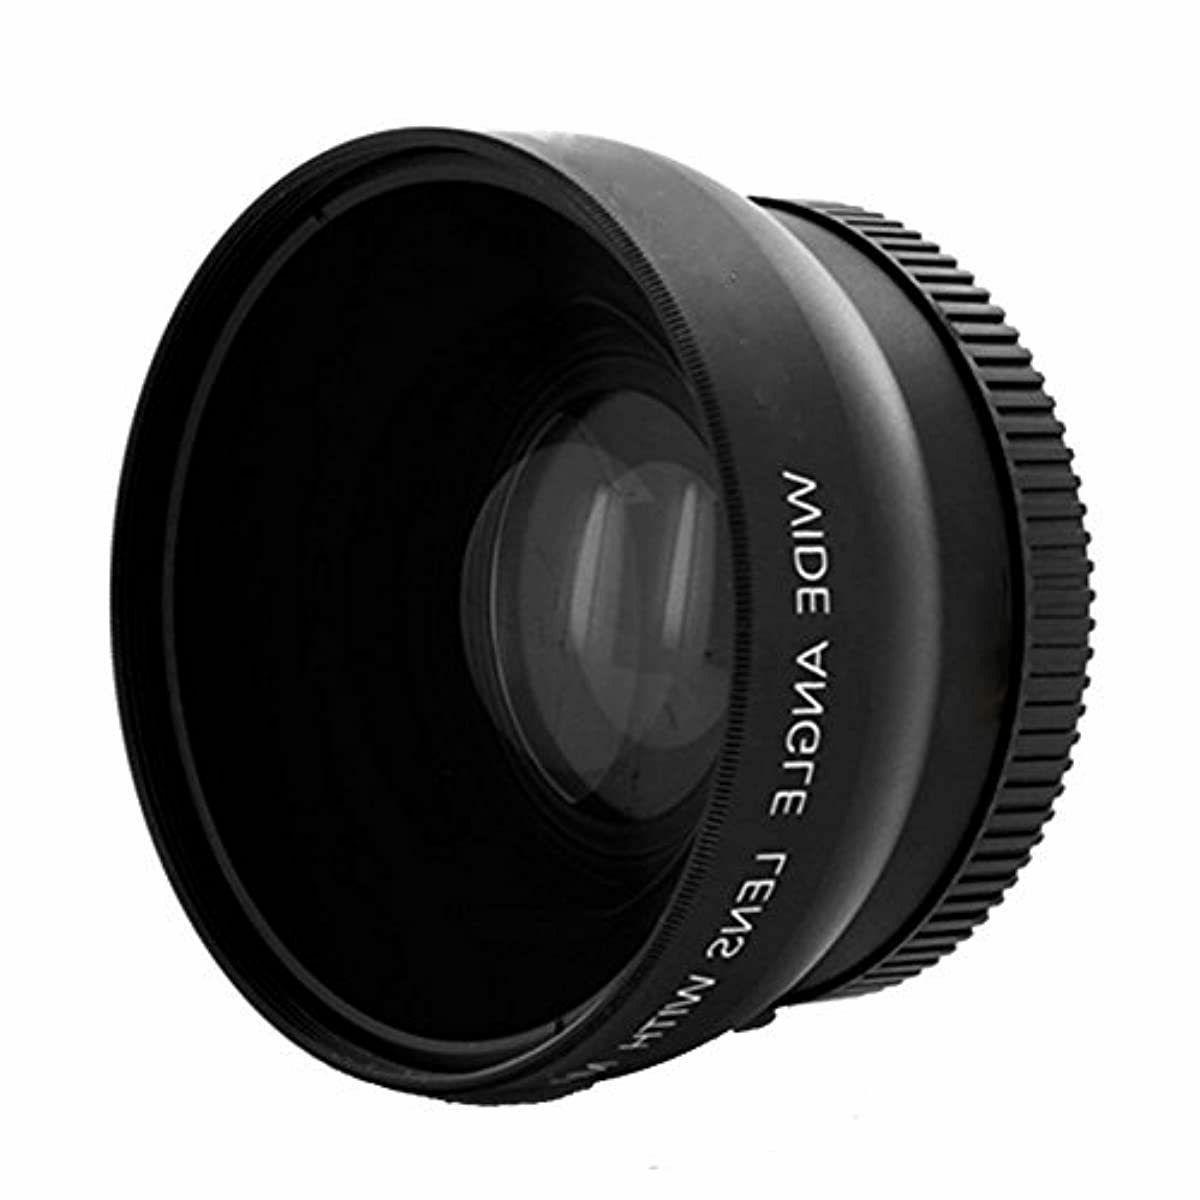 Canon EOS Rebel T7i STM Lens